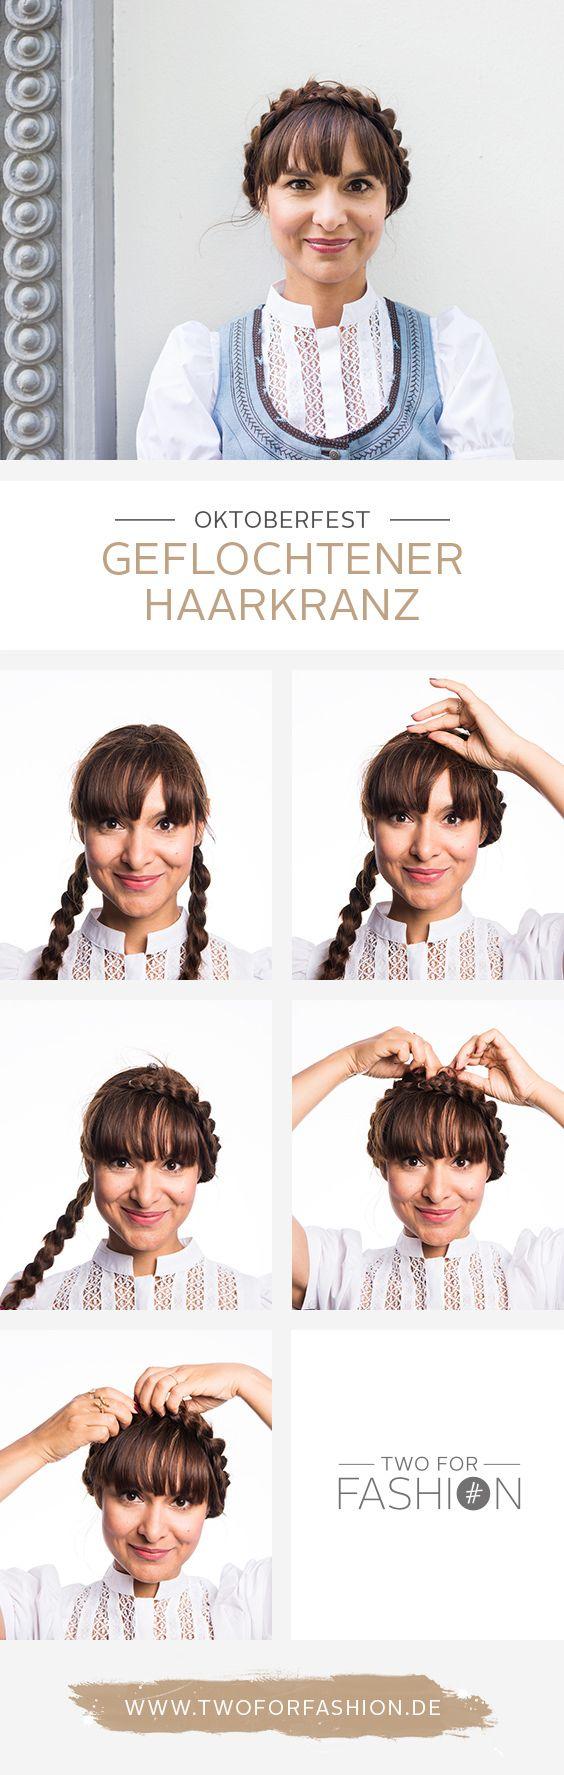 #haarkranz #flechten #flechtfrisur #oktoberfest #frisuren #wiesn #haare Gerade für lange Haare ist diese wunderschöne, traditionelle Flechtfrisur ideal. Sie ist total einfach nachzustylen (Anleitung auf dem Blog) und sieht unglaublich authentisch bayrisch-ländlich aus! Diese Frisur ist ein echter Klassiker aber nichtsdestotrotz auch ein richtiger Eyecatcher zum Dirndl oder Lederhosen.